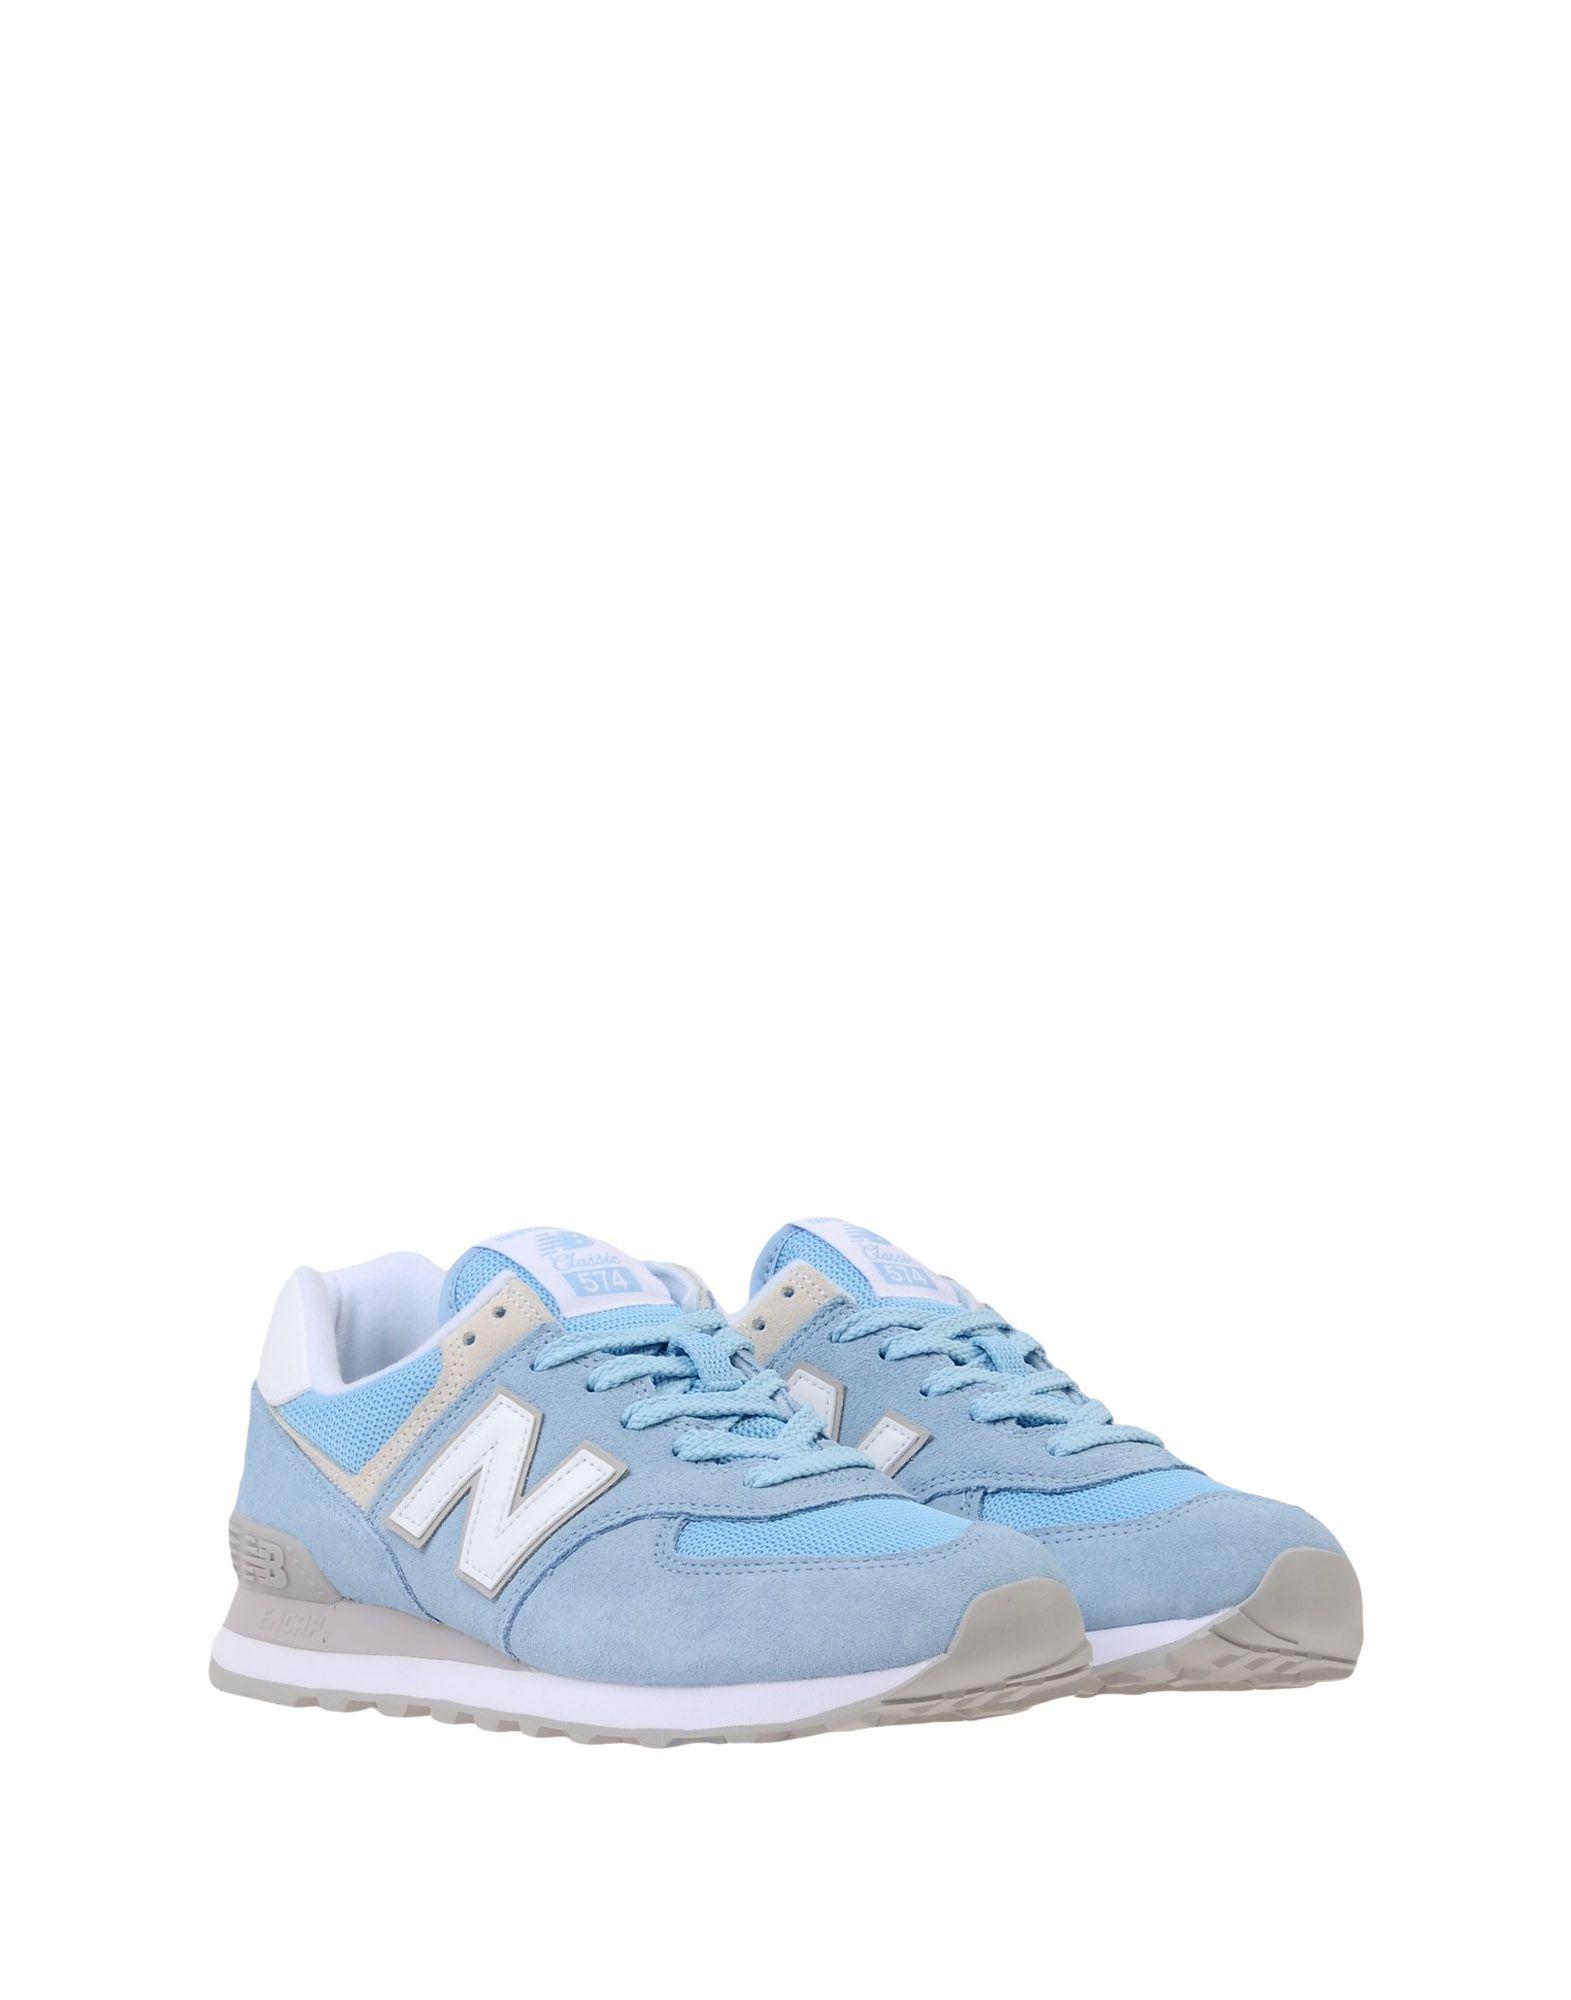 New 11466899FR Balance 574 Seasonal Essentials  11466899FR New Gute Qualität beliebte Schuhe 9a5cce